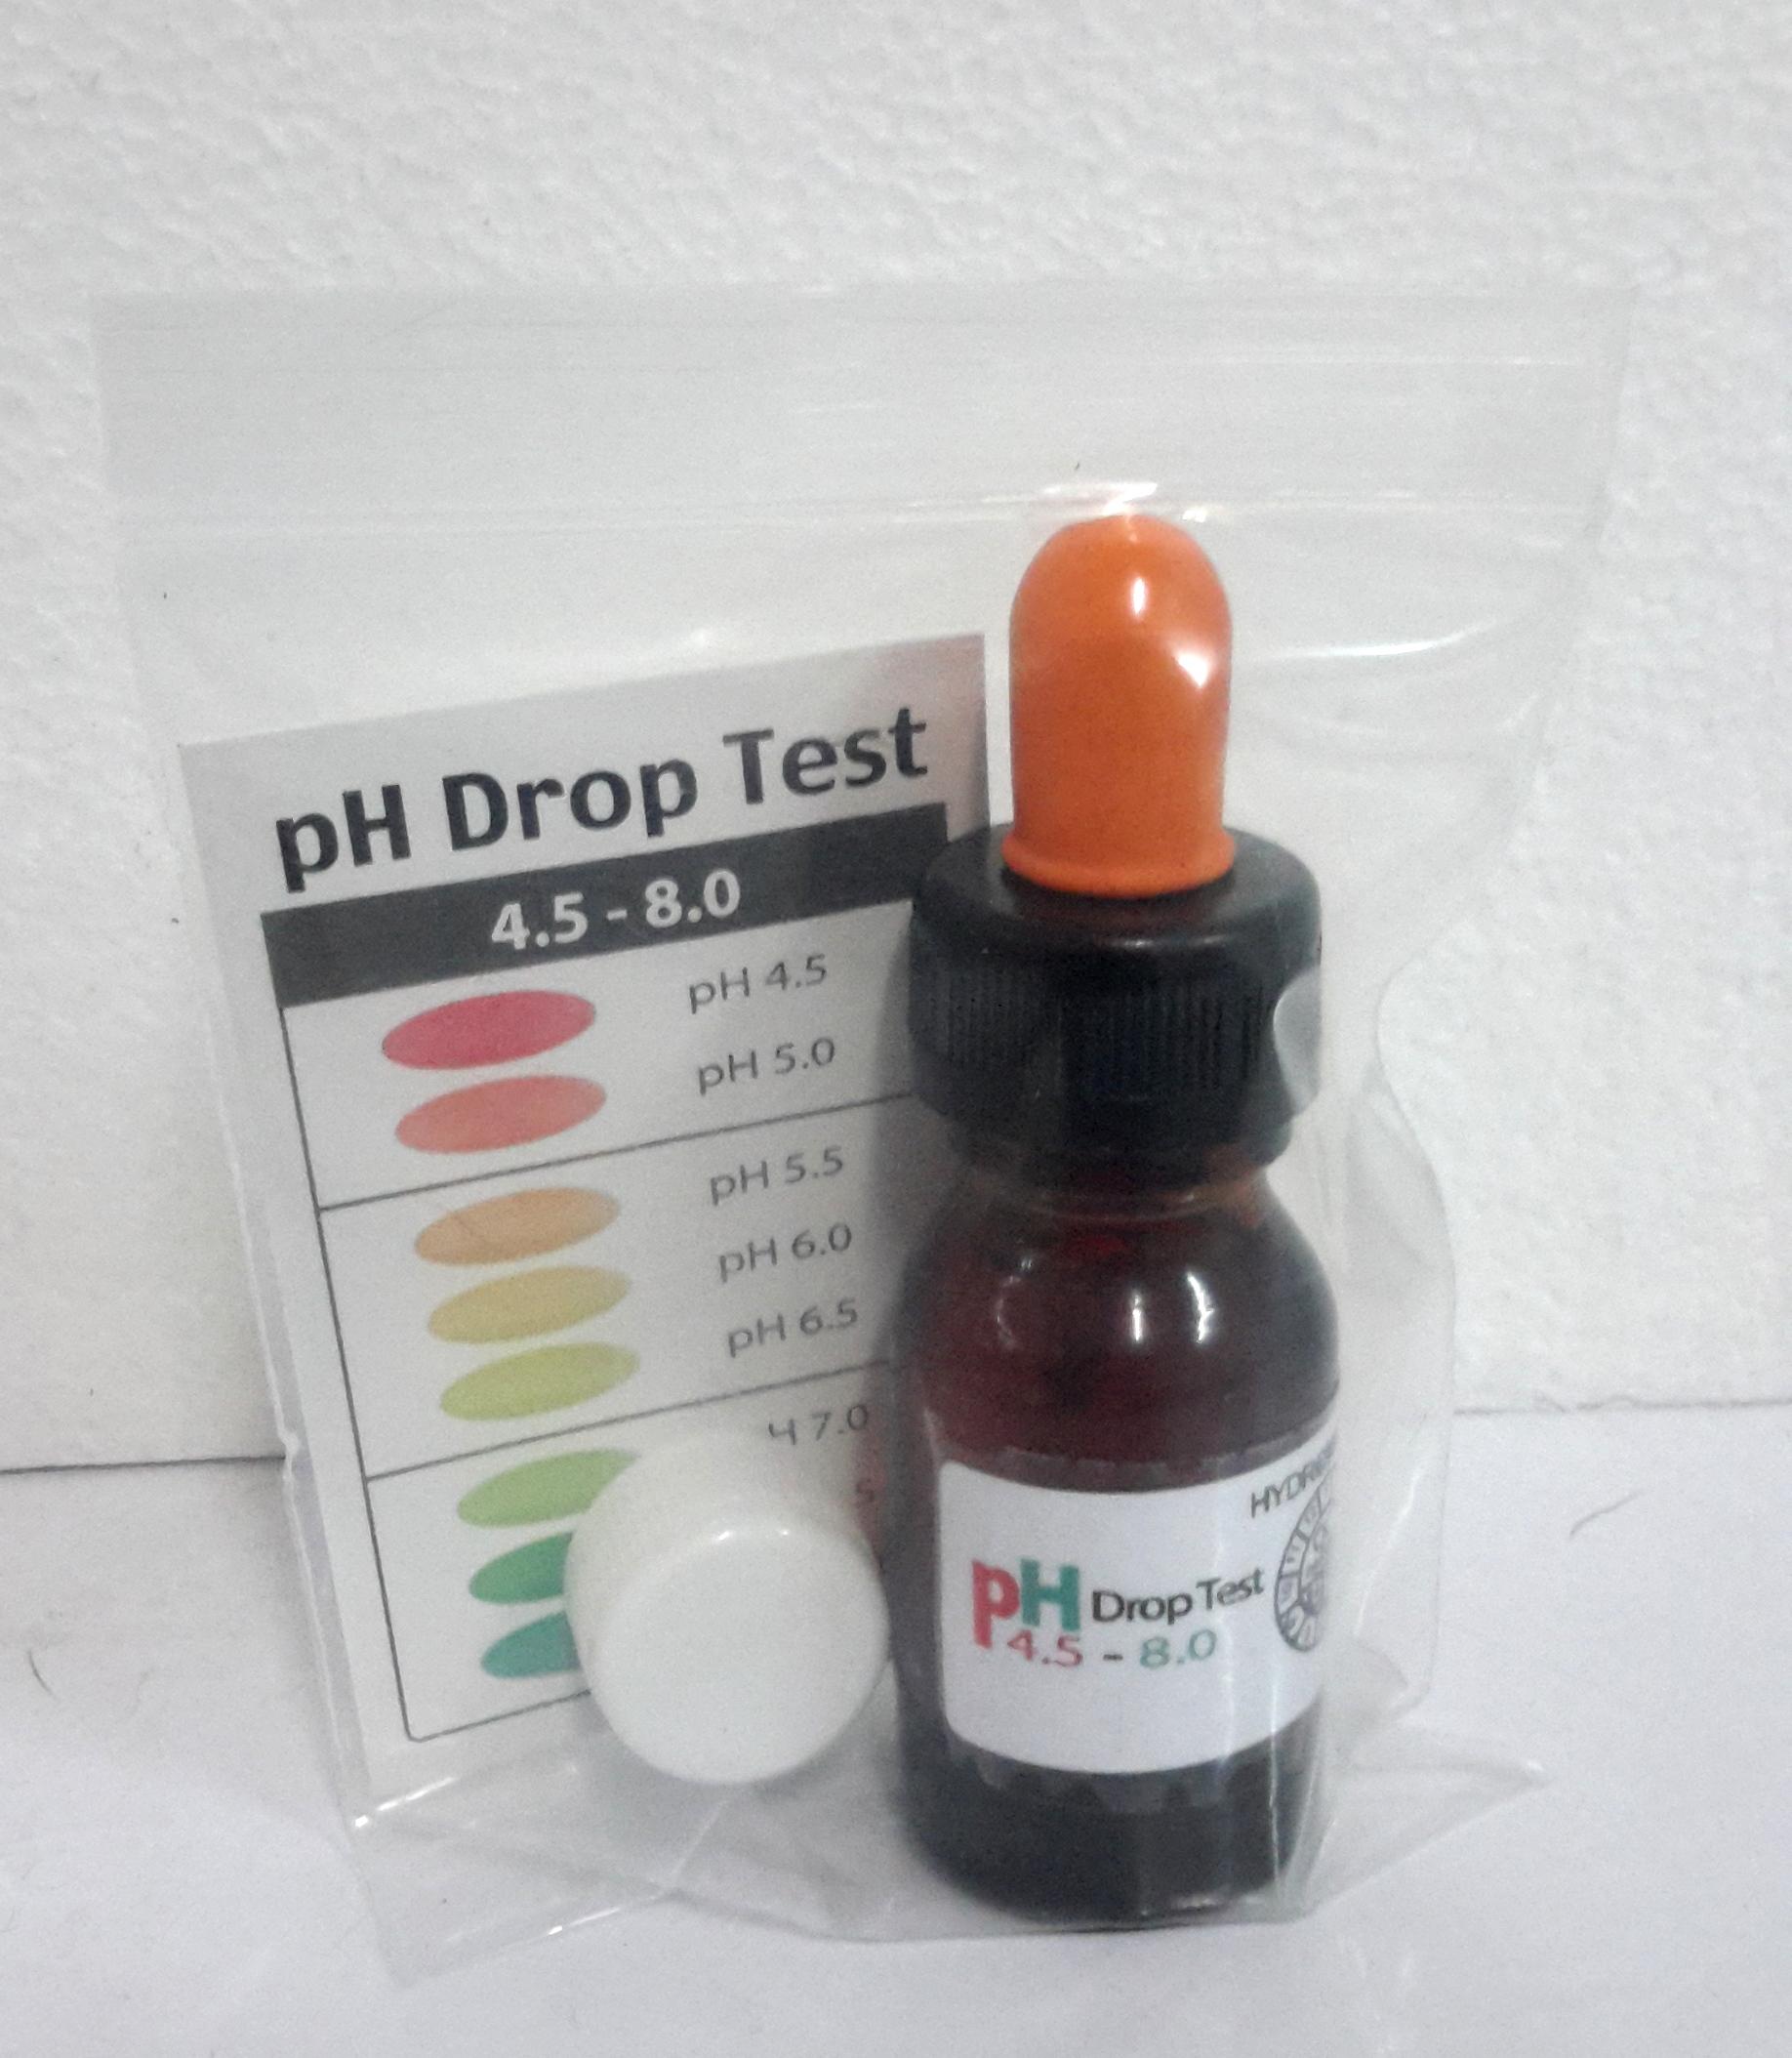 PH Drop Test (อินดิเคเตอร์) สำหรับมือใหม่